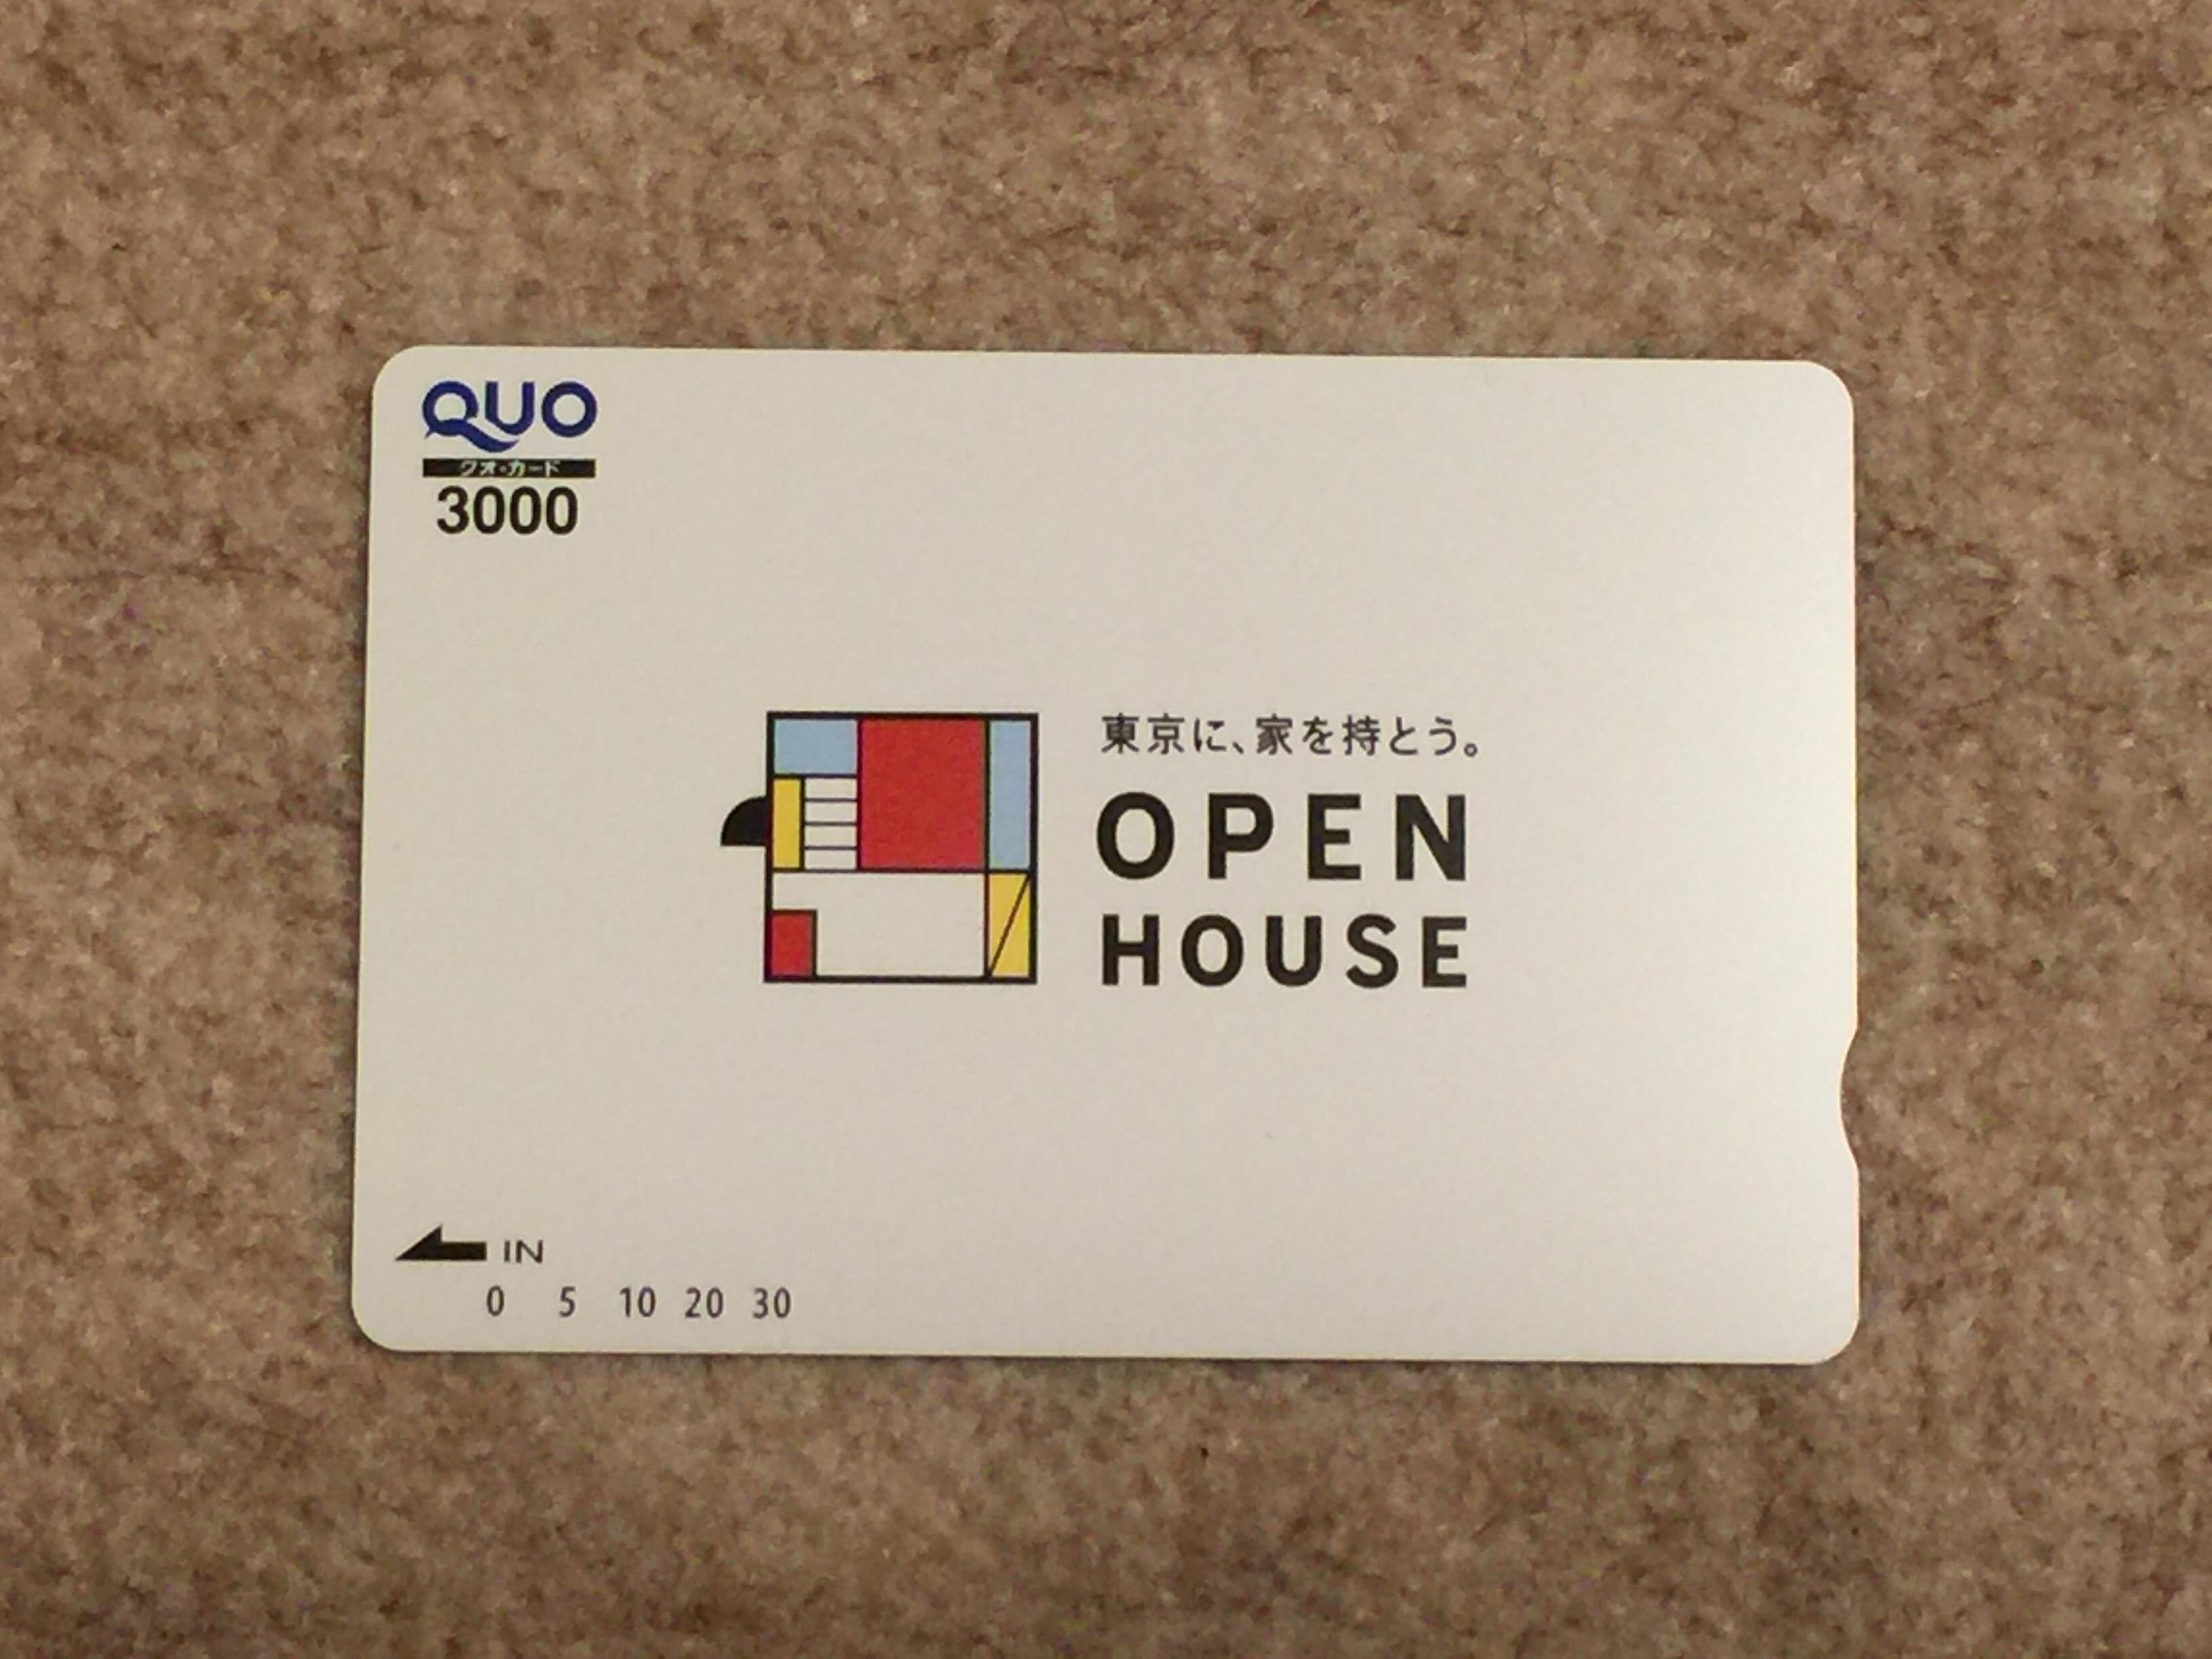 オープンハウスから株主優待のクオカード3,000円